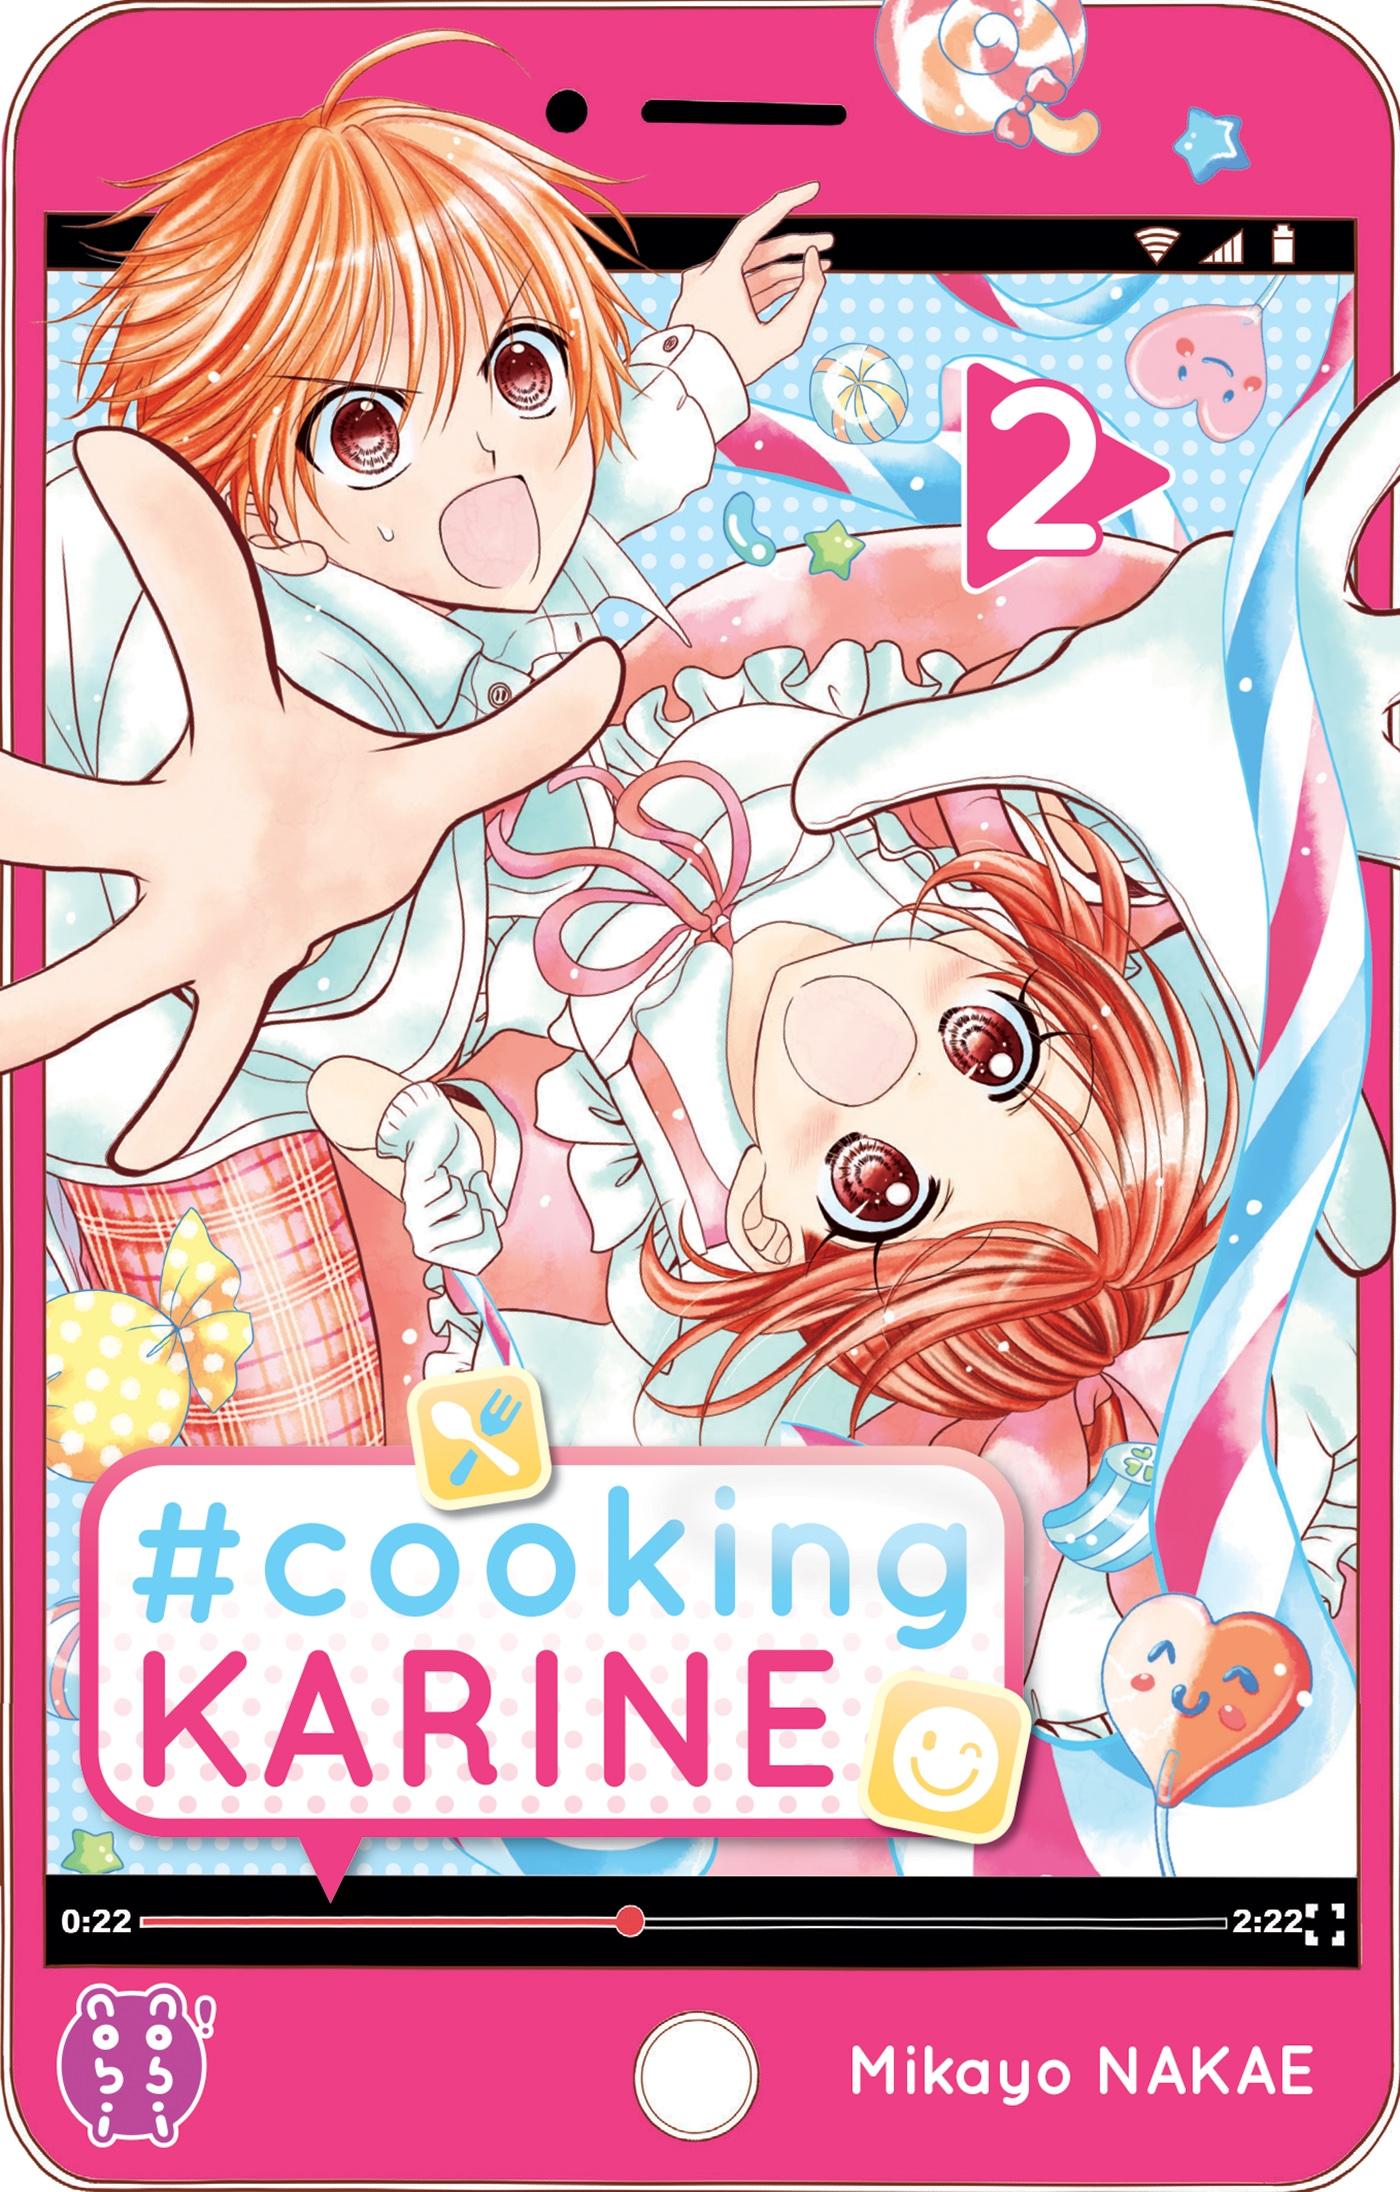 #Cooking Karine 2